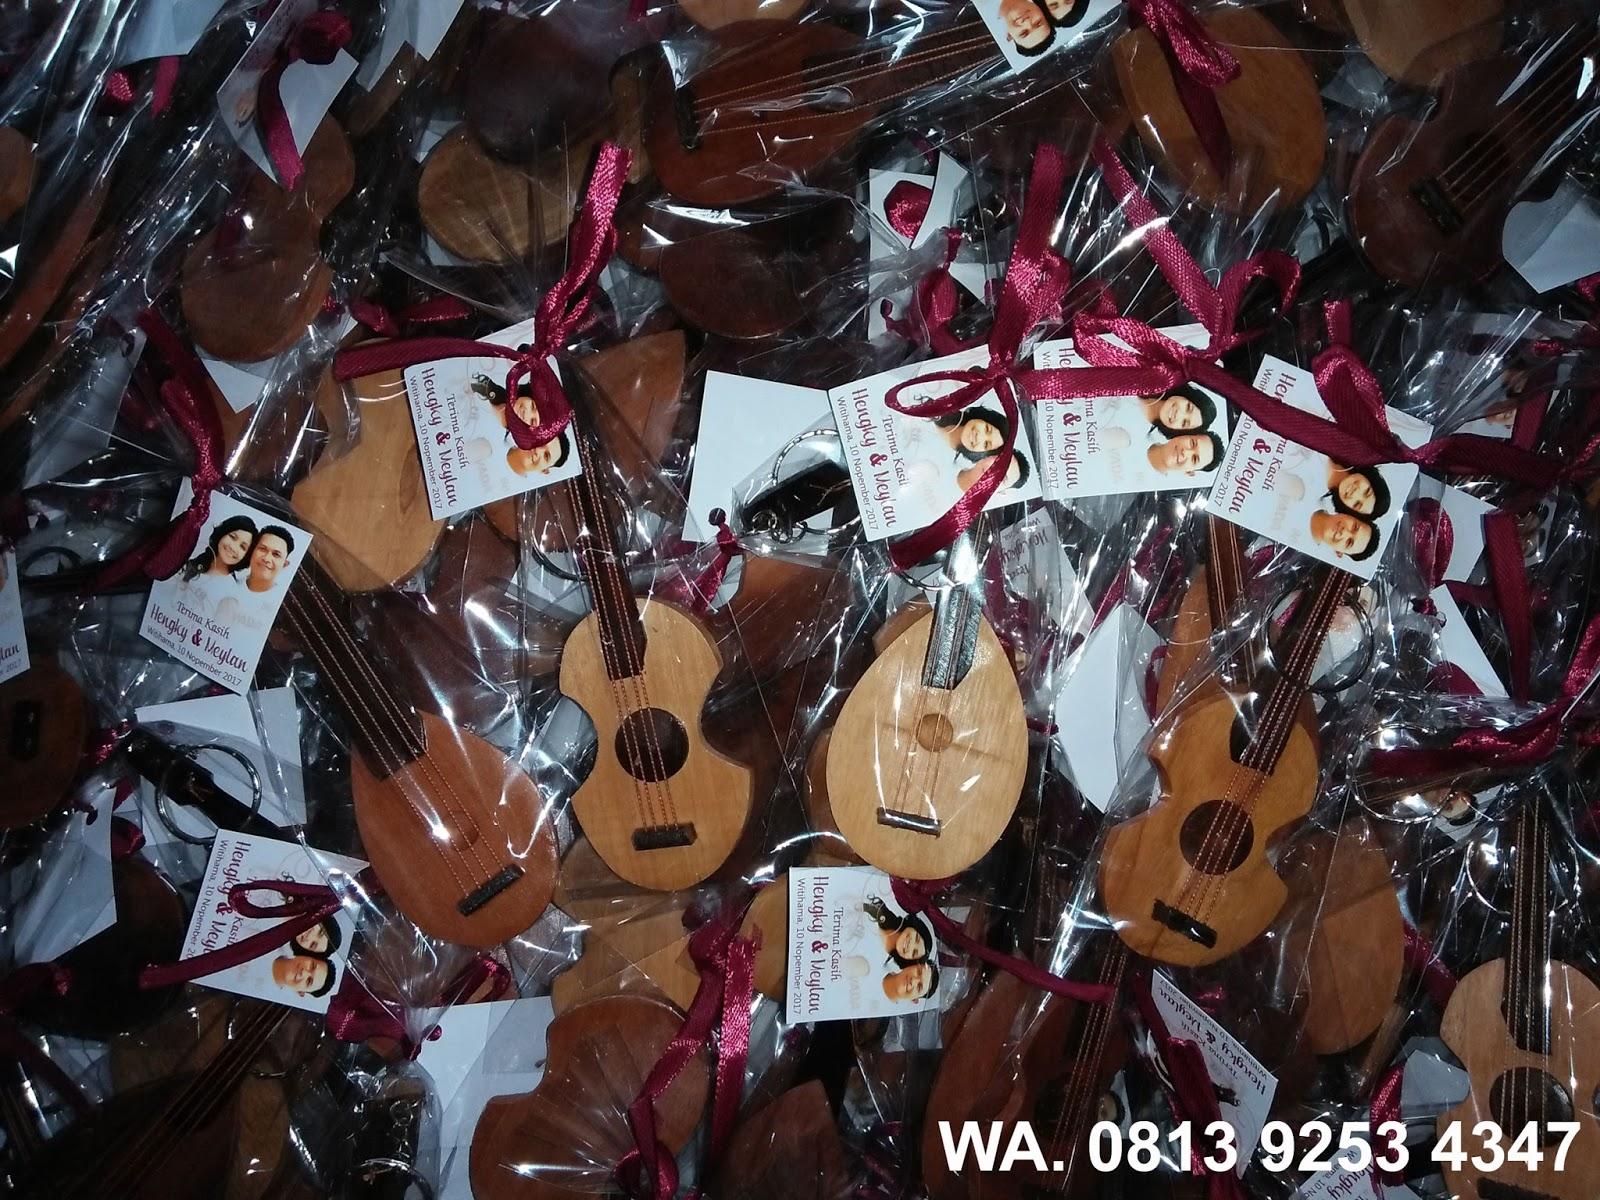 Pesanan Souvenir Gantungan Kunci Gitar Kayu 2017